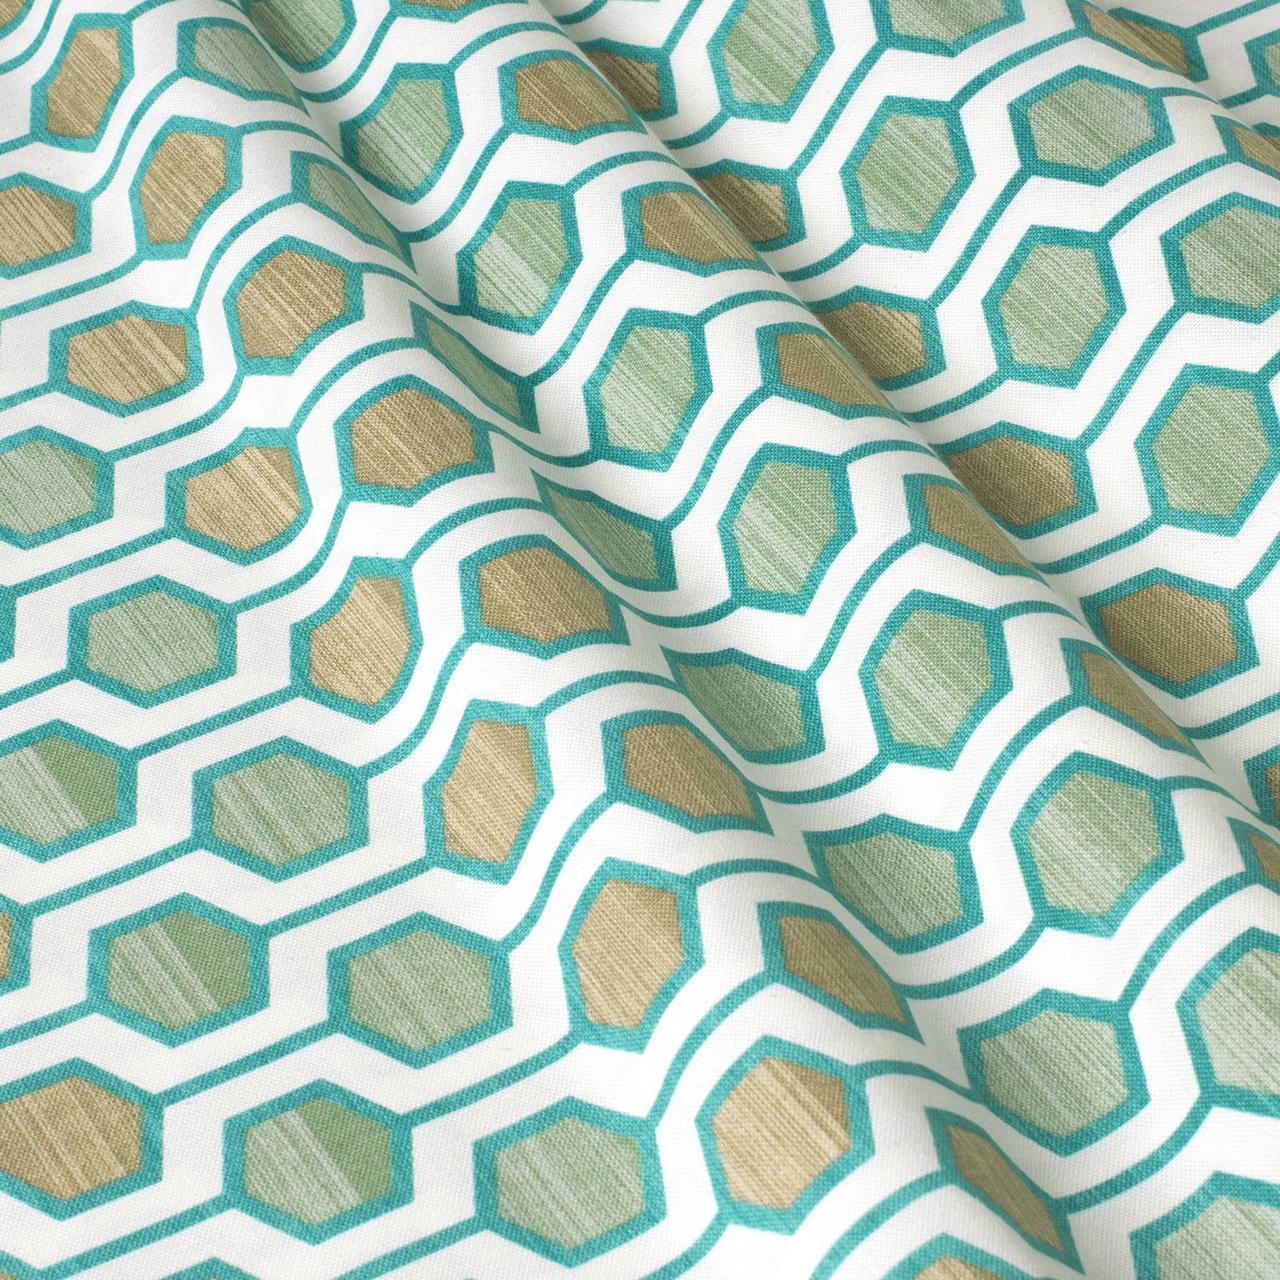 Декоративная ткань геометрия шестиугольники зеленые на белом фоне Турция 87997v6